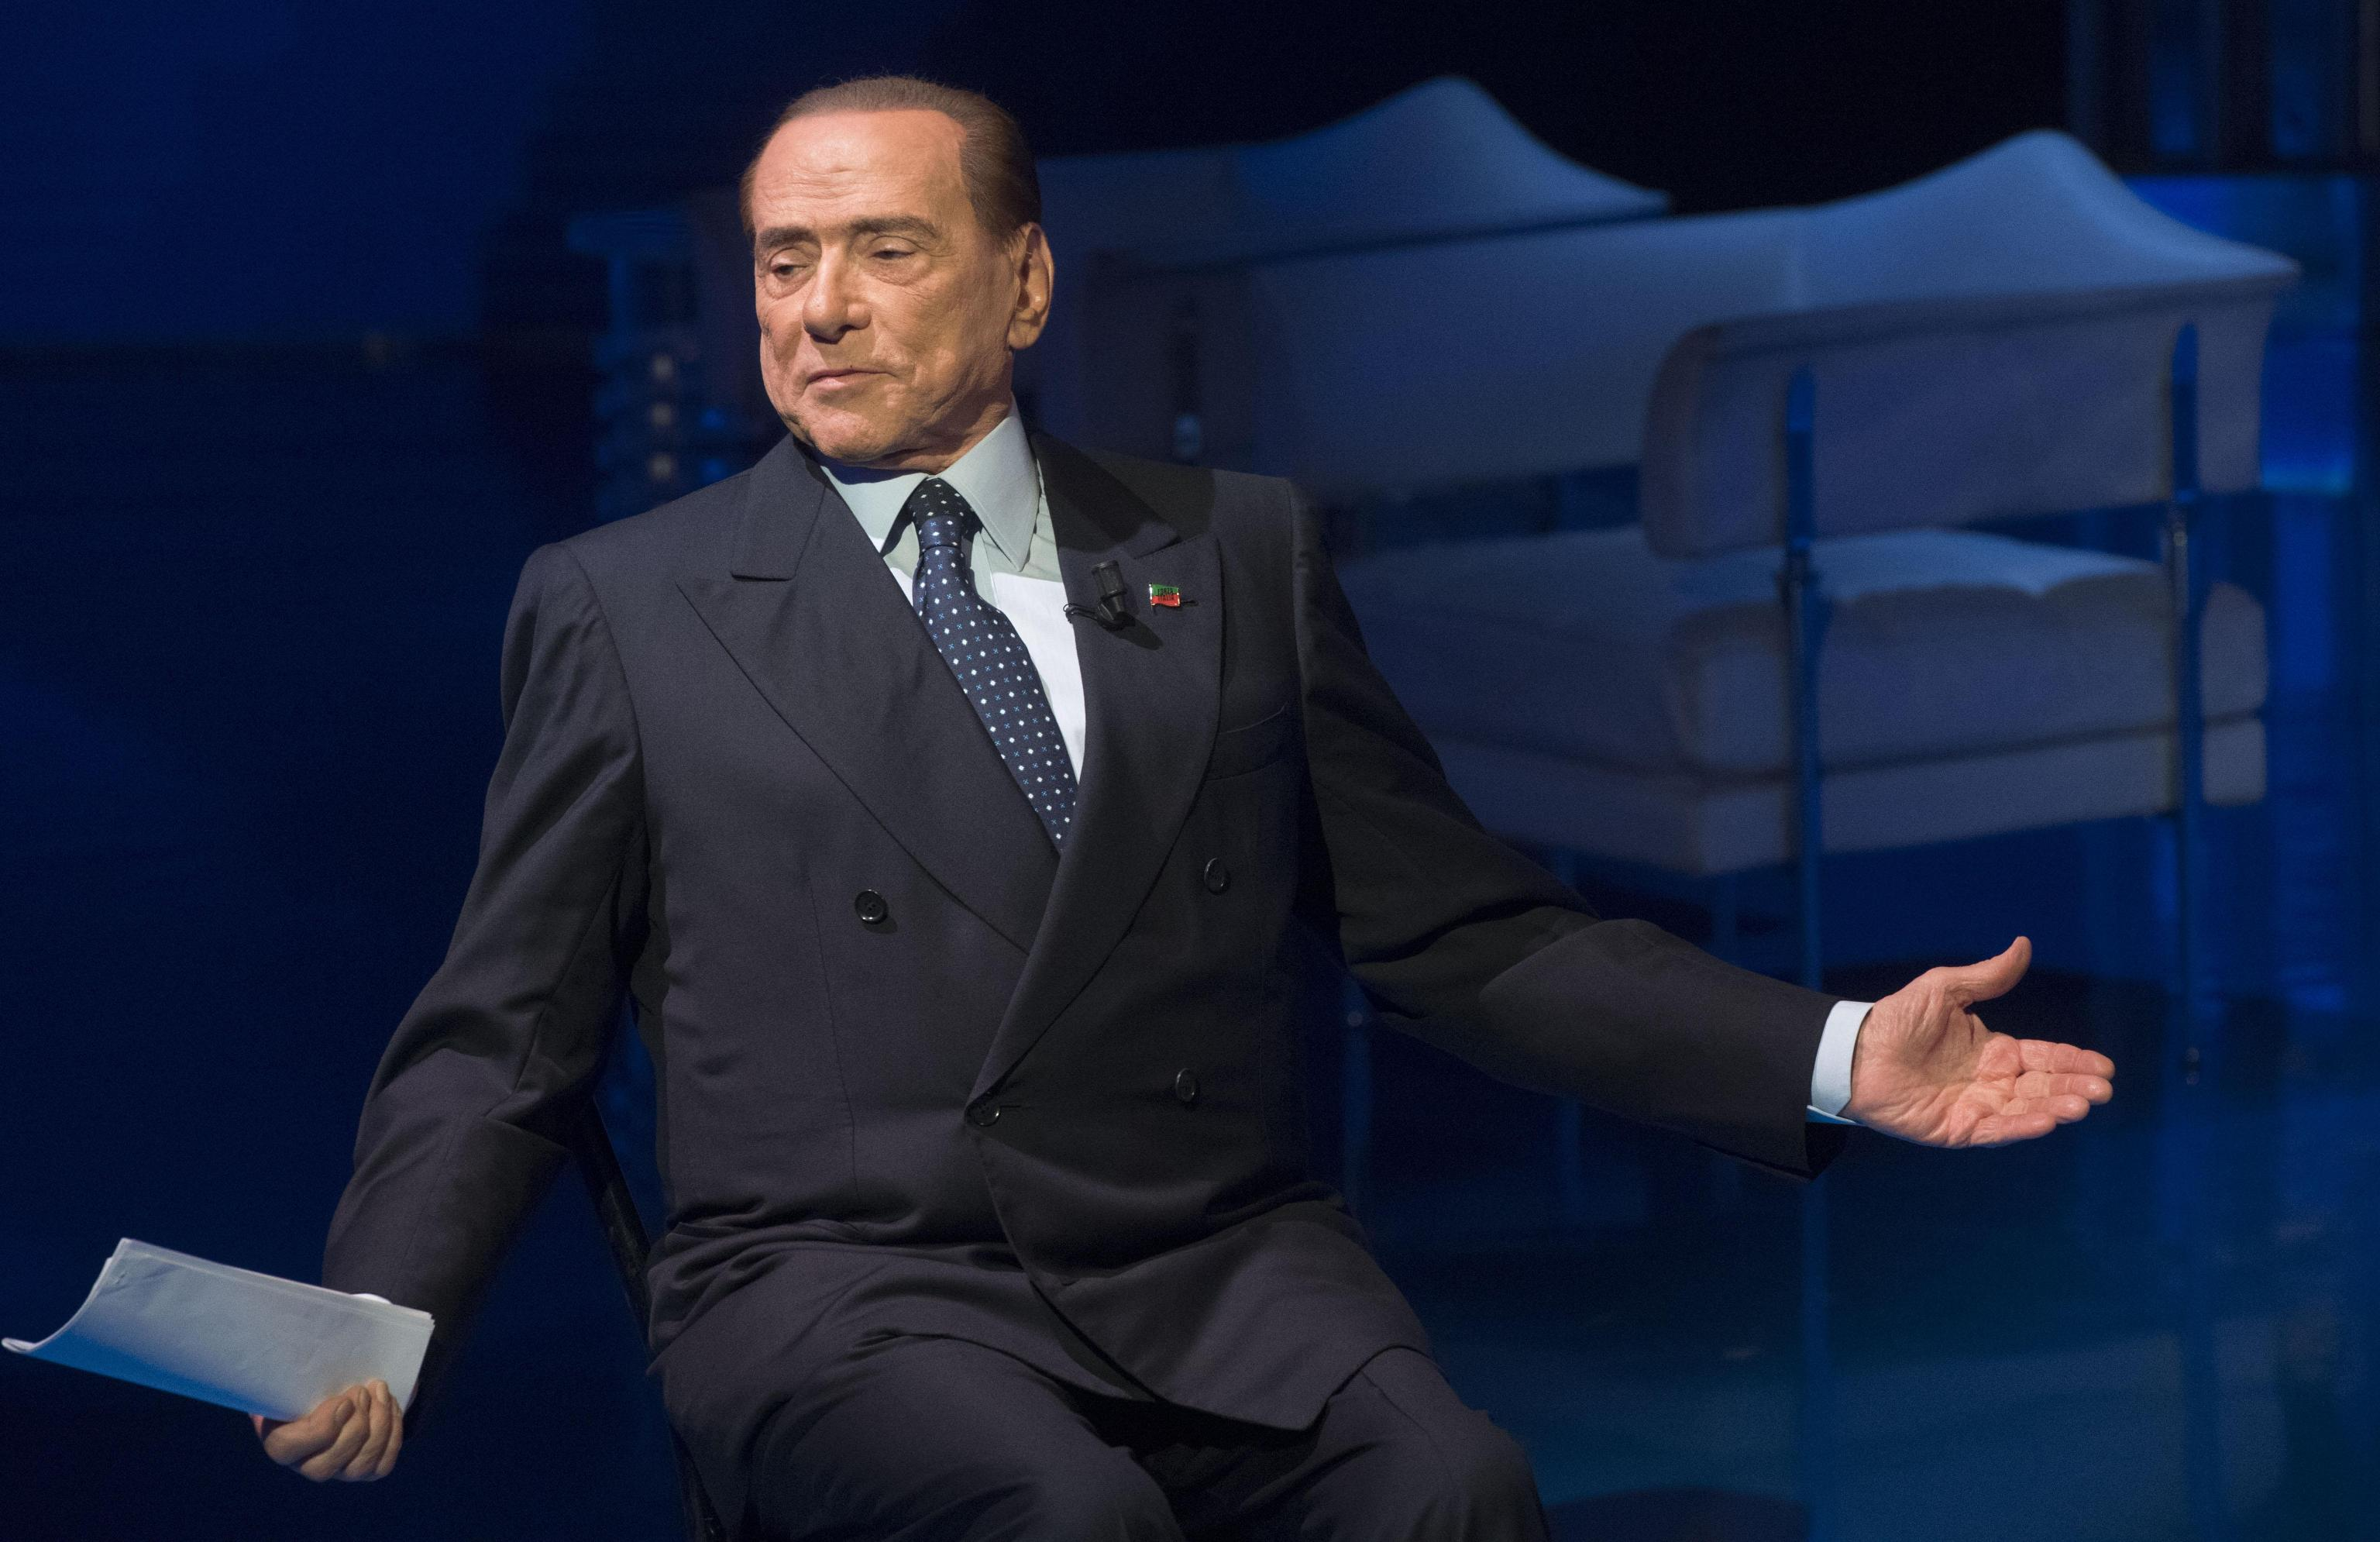 Decadenza Berlusconi: la corte di Strasburgo decide sull'ineleggibilità